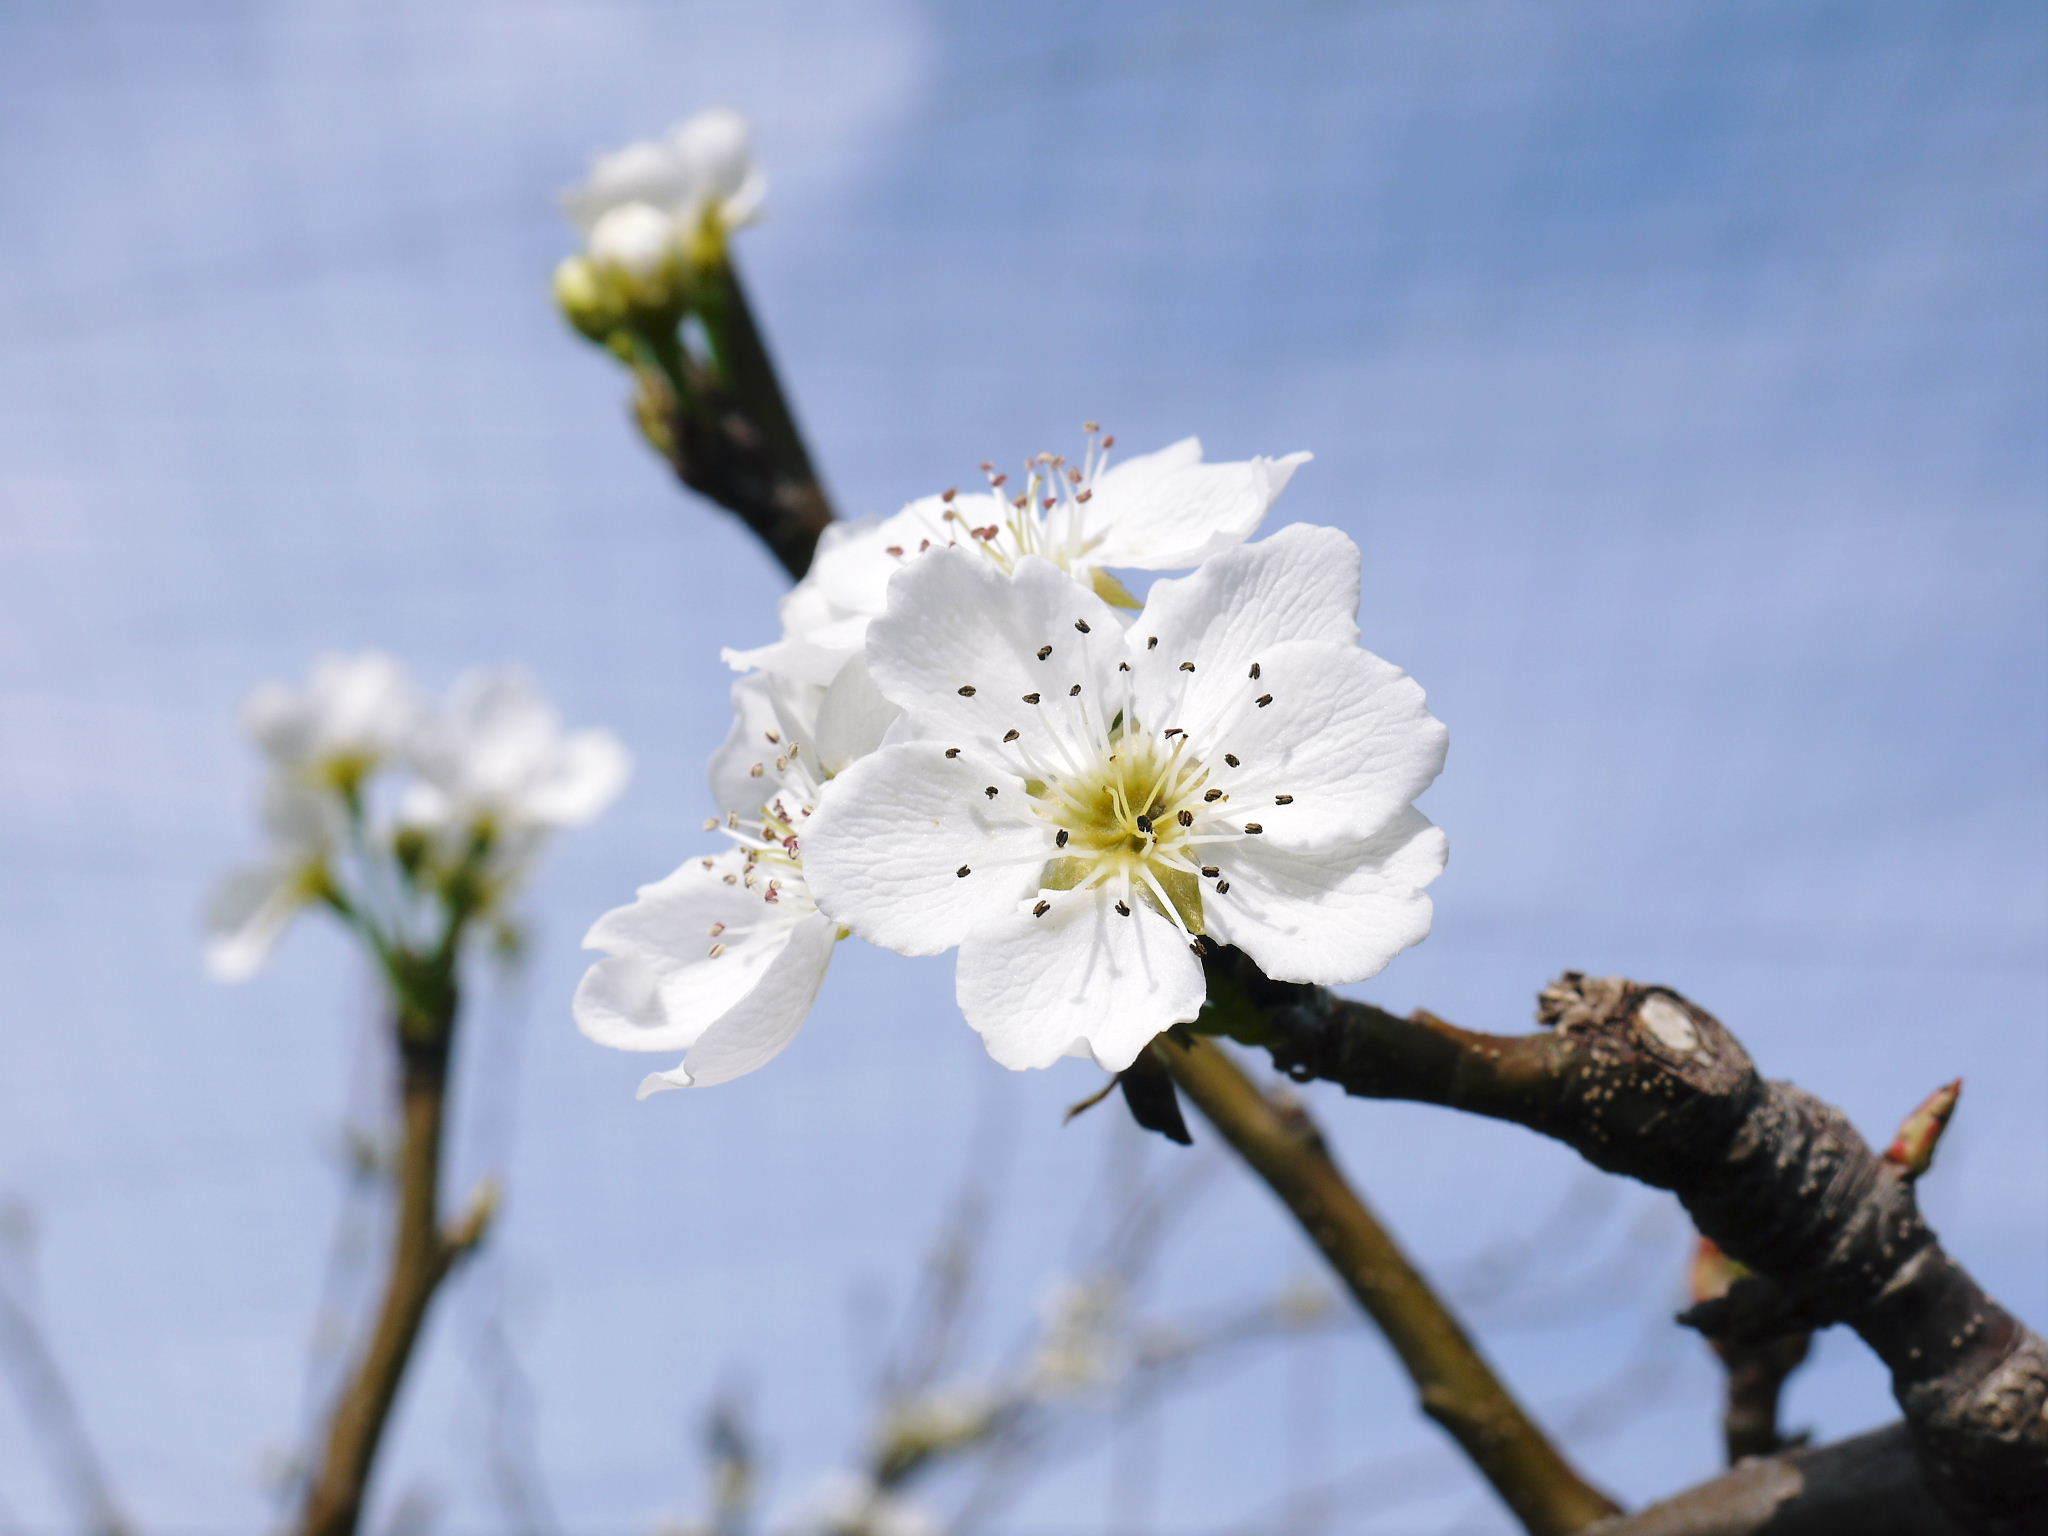 熊本梨 本藤果樹園 花咲く様子!!2020 収穫時期と開花は逆!まずは最後に収穫する『新高』の花です!_a0254656_17472358.jpg